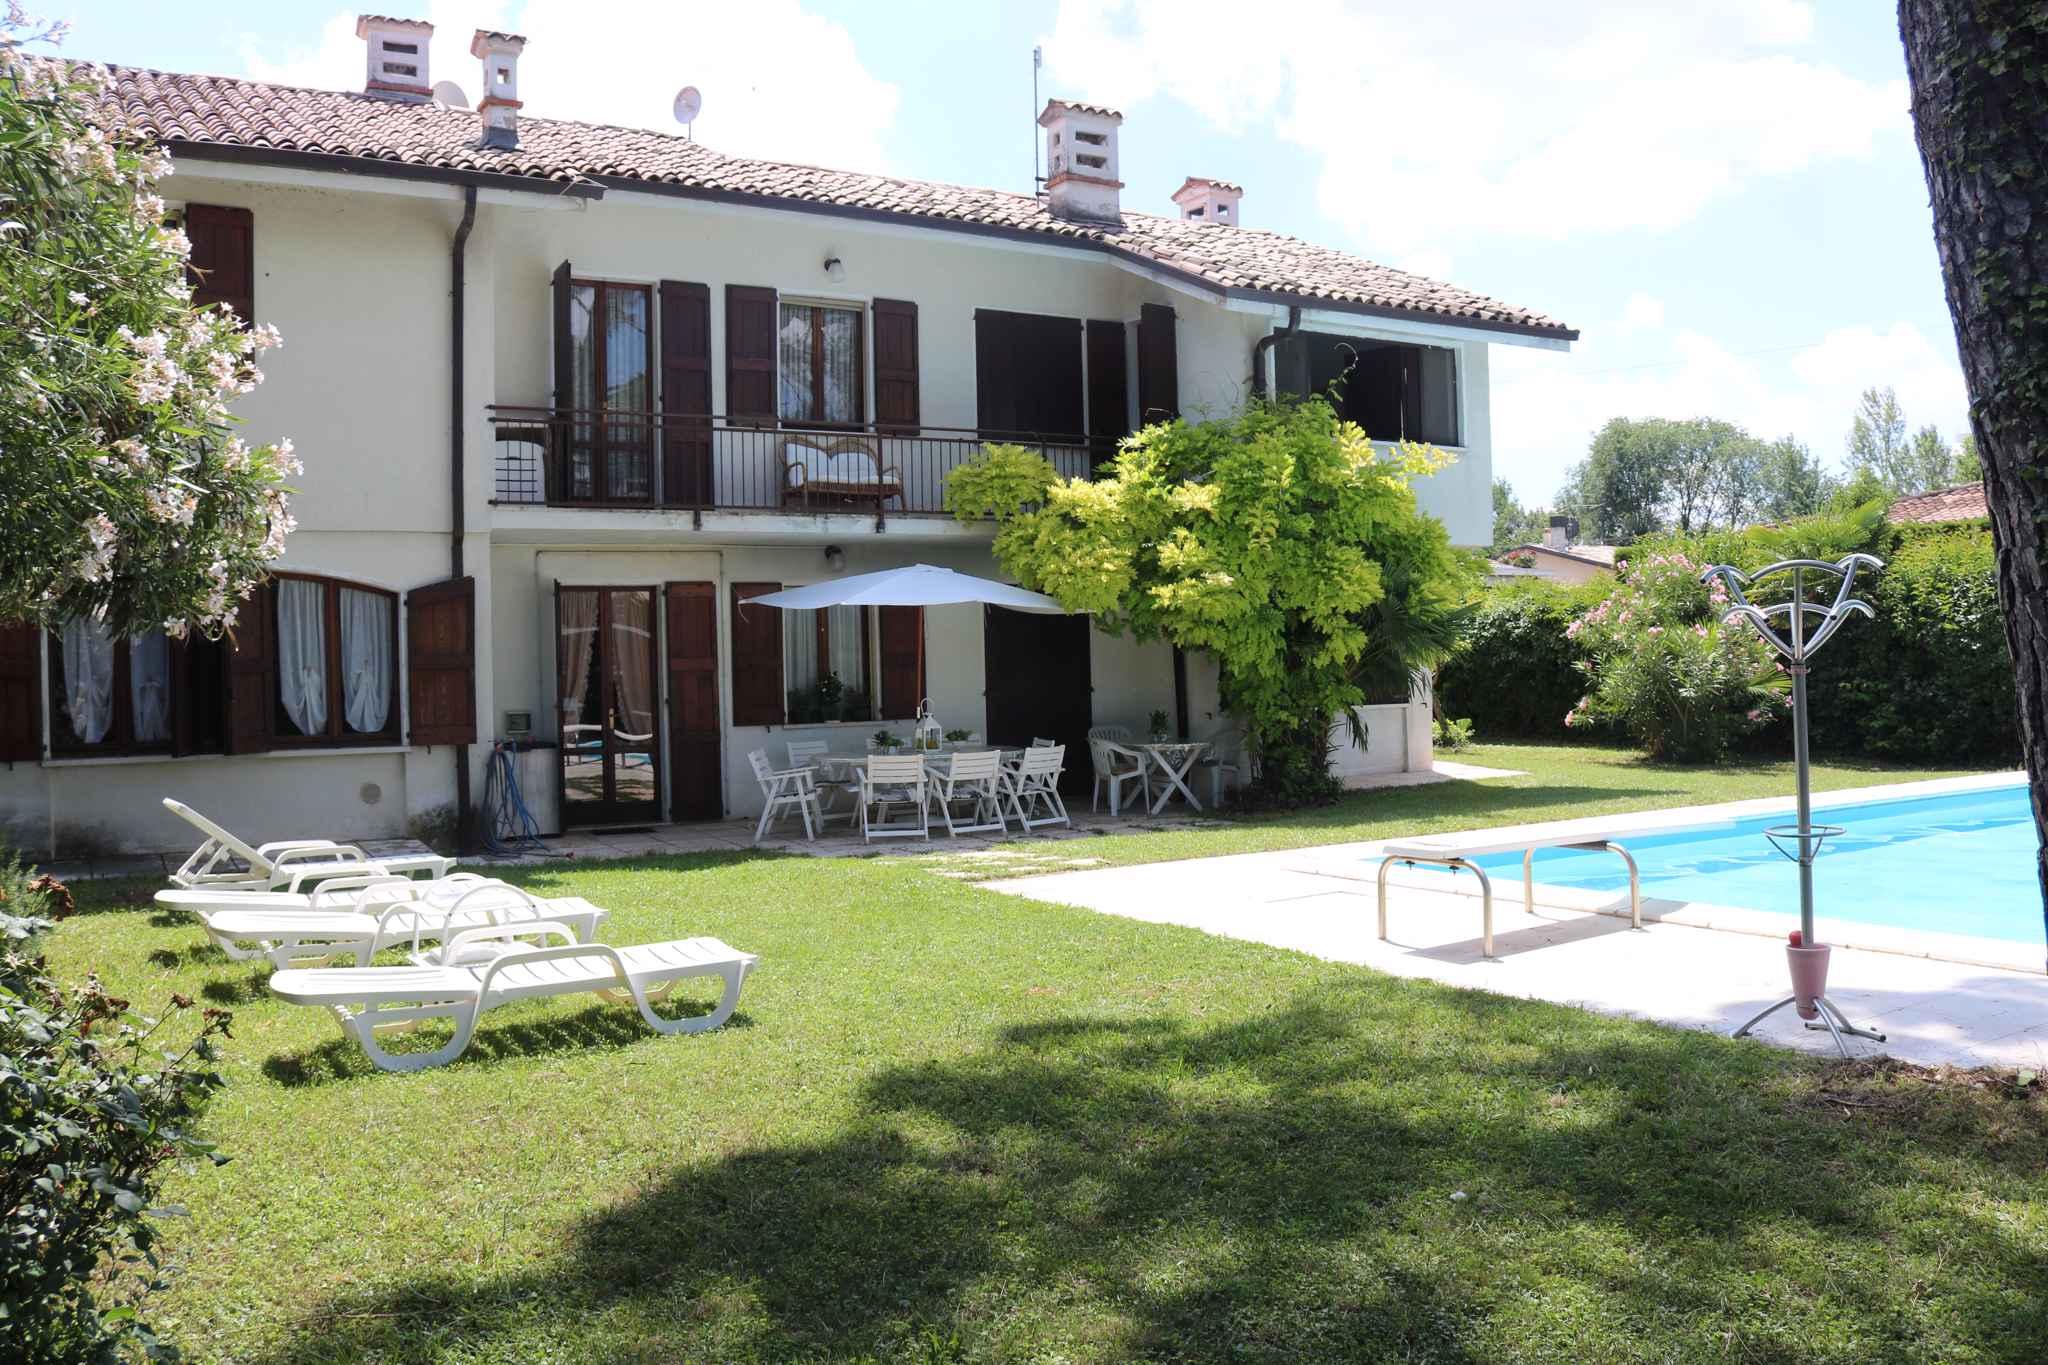 Ferienhaus con terrazza e piscina (491823), Lazise, Gardasee, Venetien, Italien, Bild 10